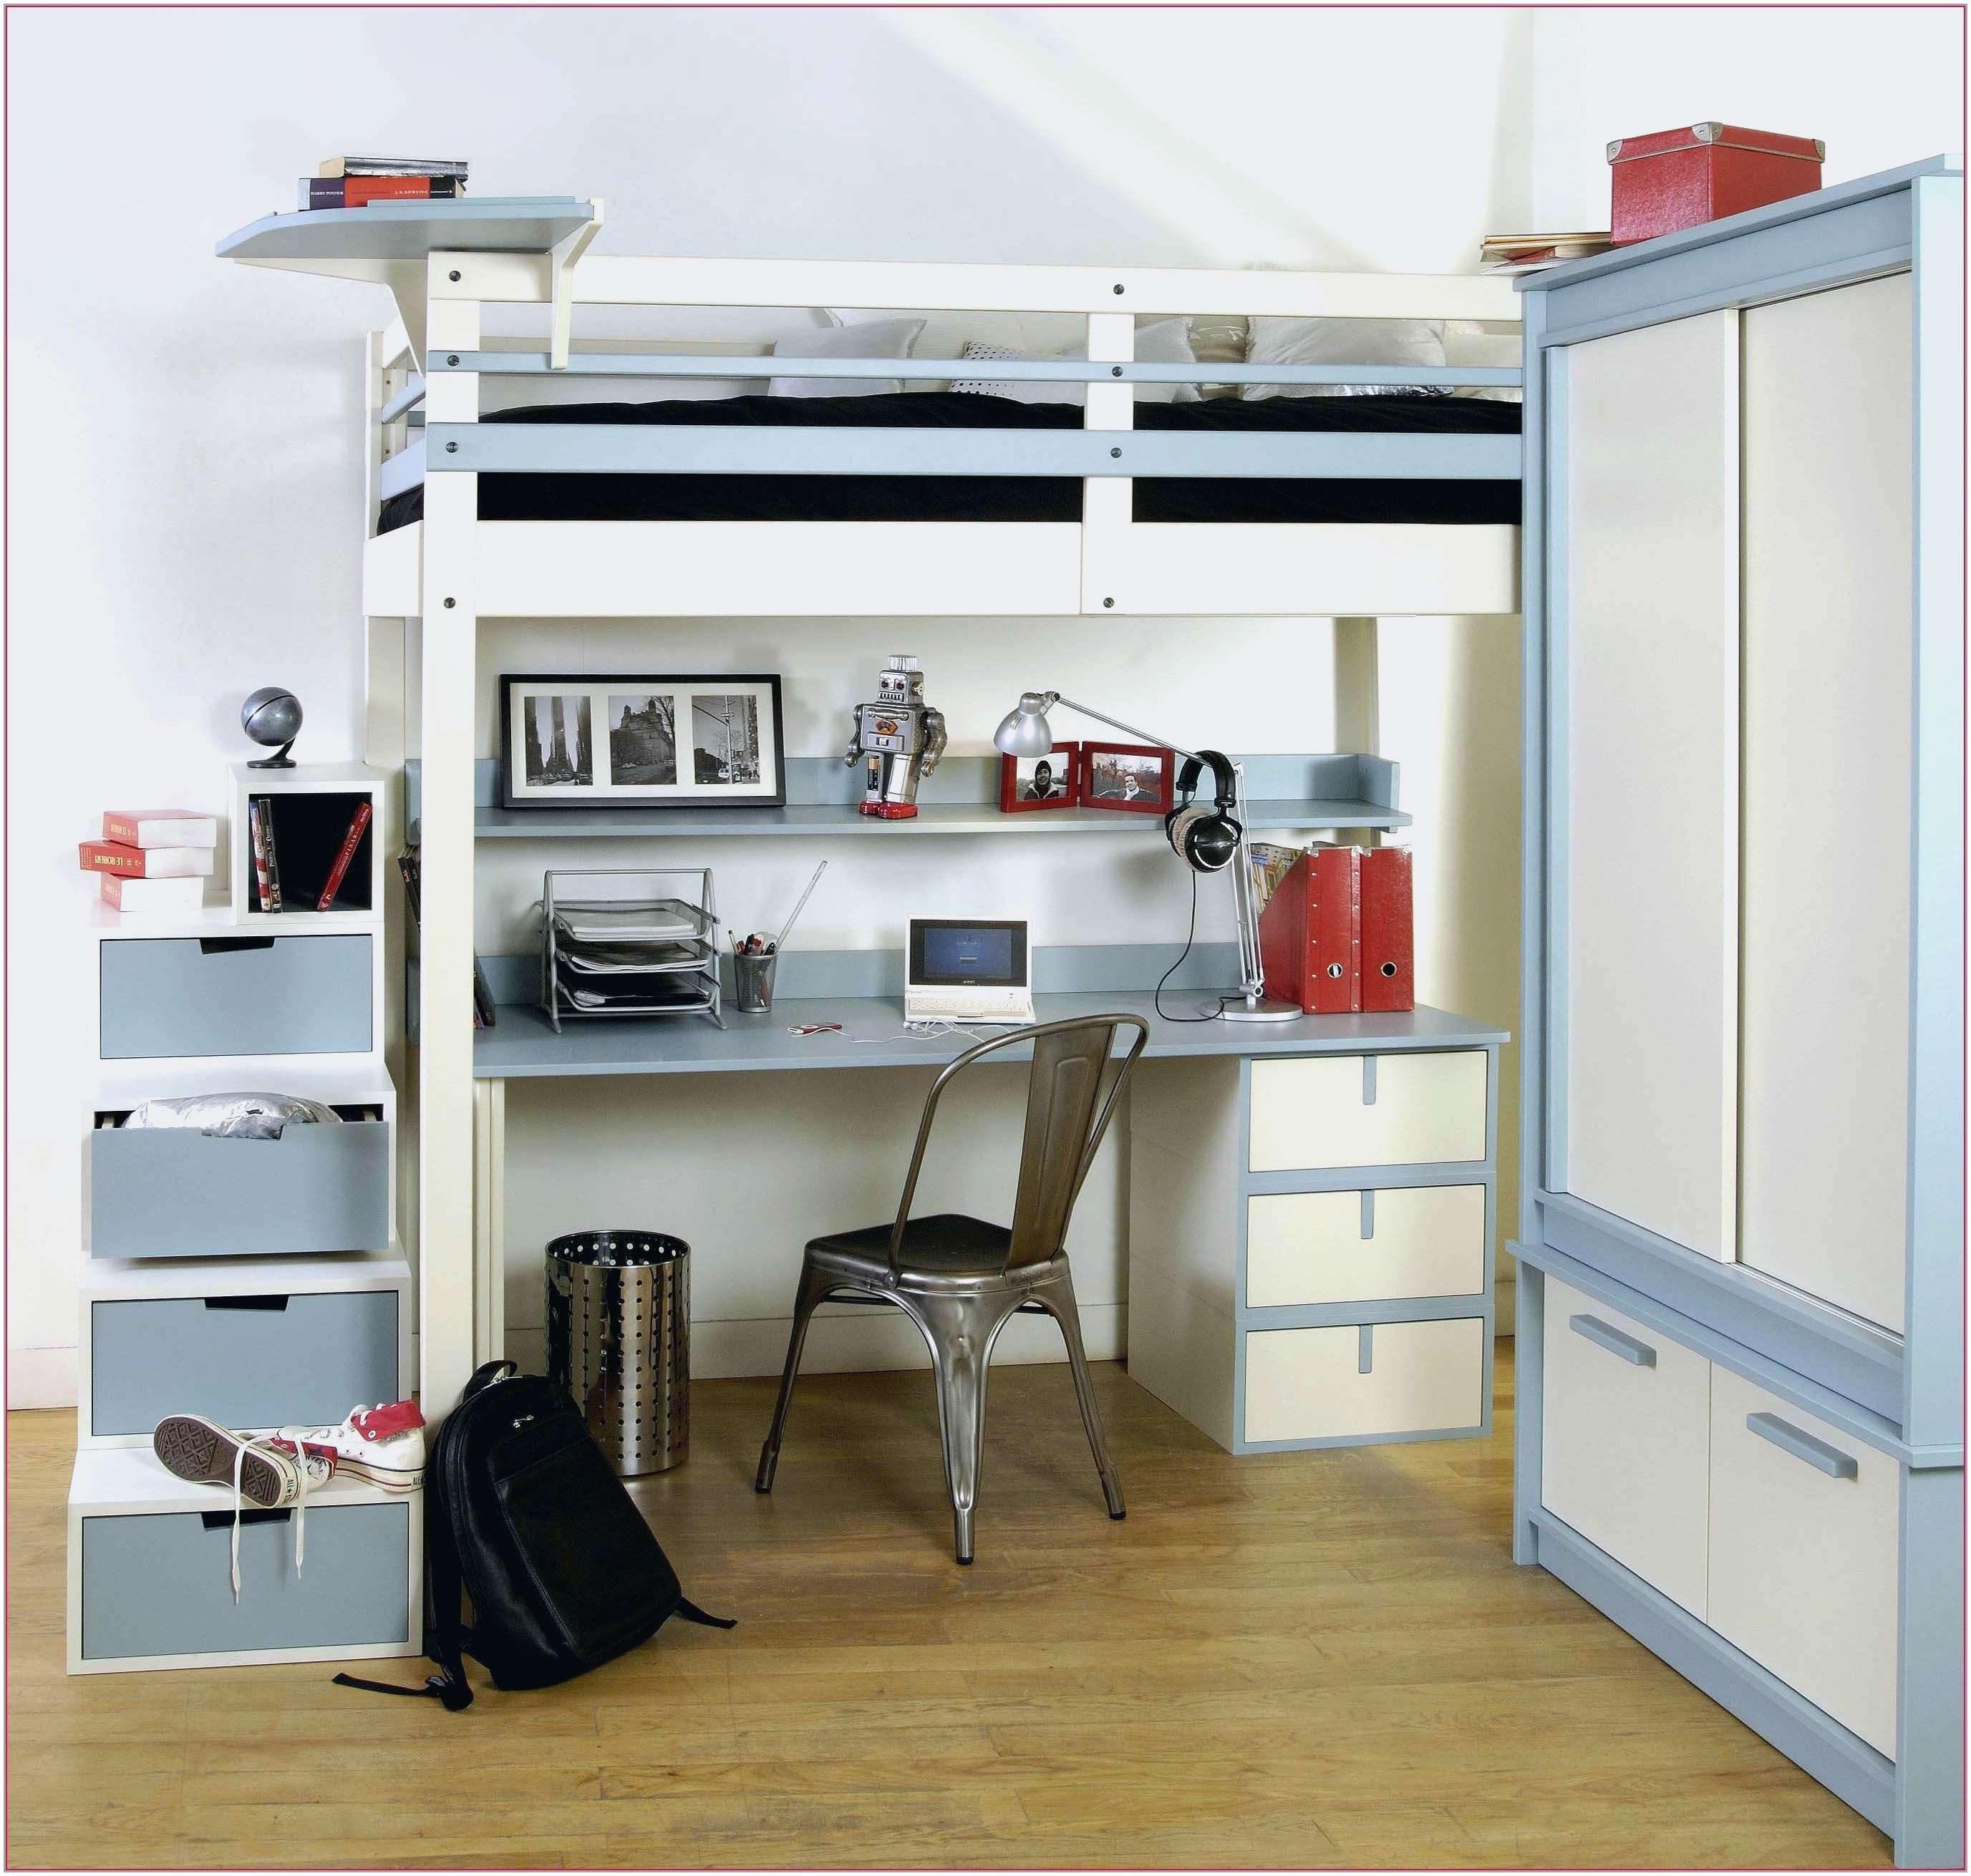 Lit Superposé Pour Adulte Nouveau Luxe Lit Mezzanine Ikea 2 Places Pour Meilleur Lit Superposé Adulte